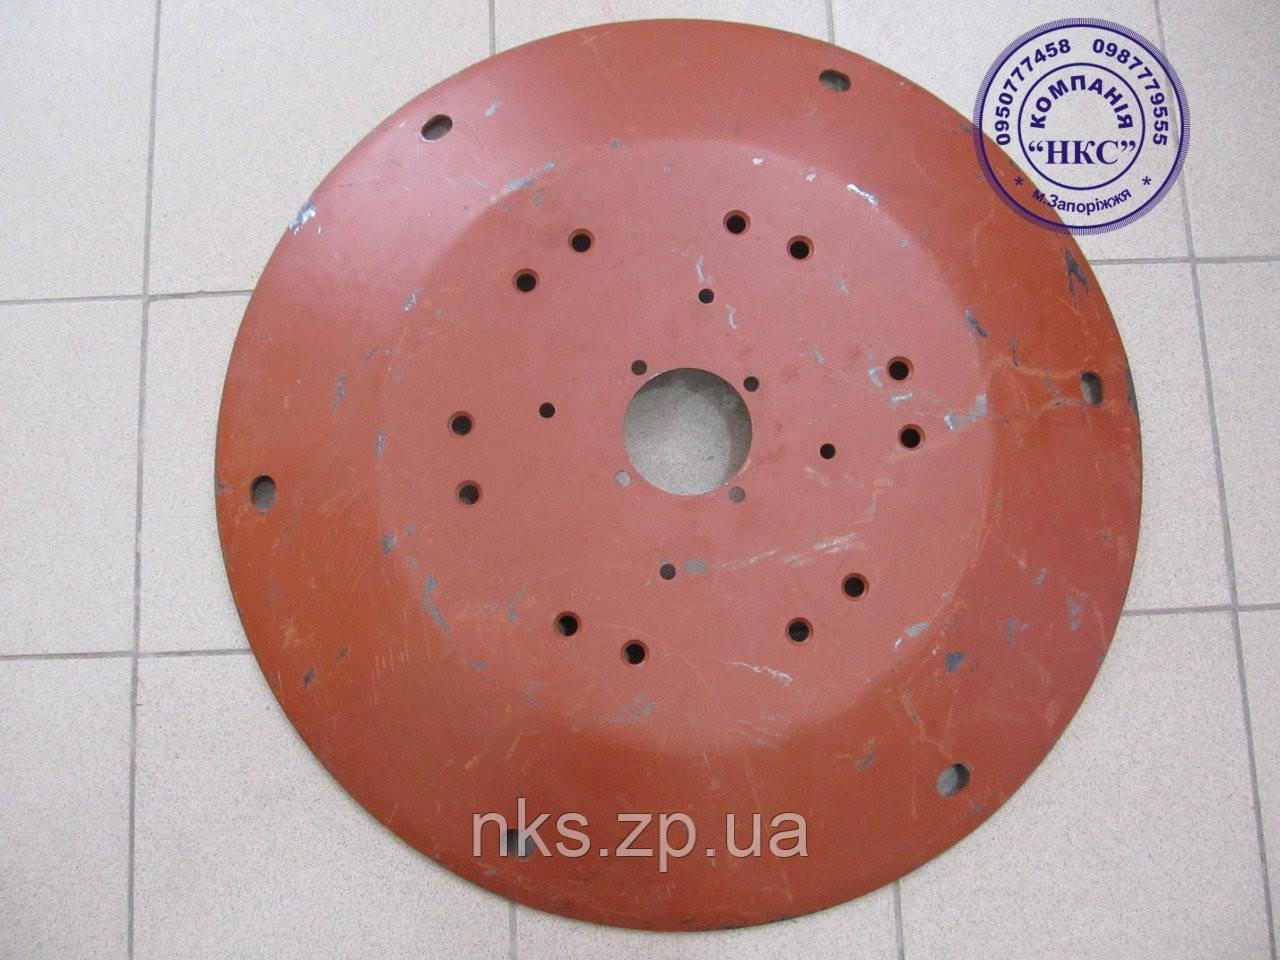 Тарелка рабочая (круглые отверстия) Z-169. Запчасти на косилку Z-169.